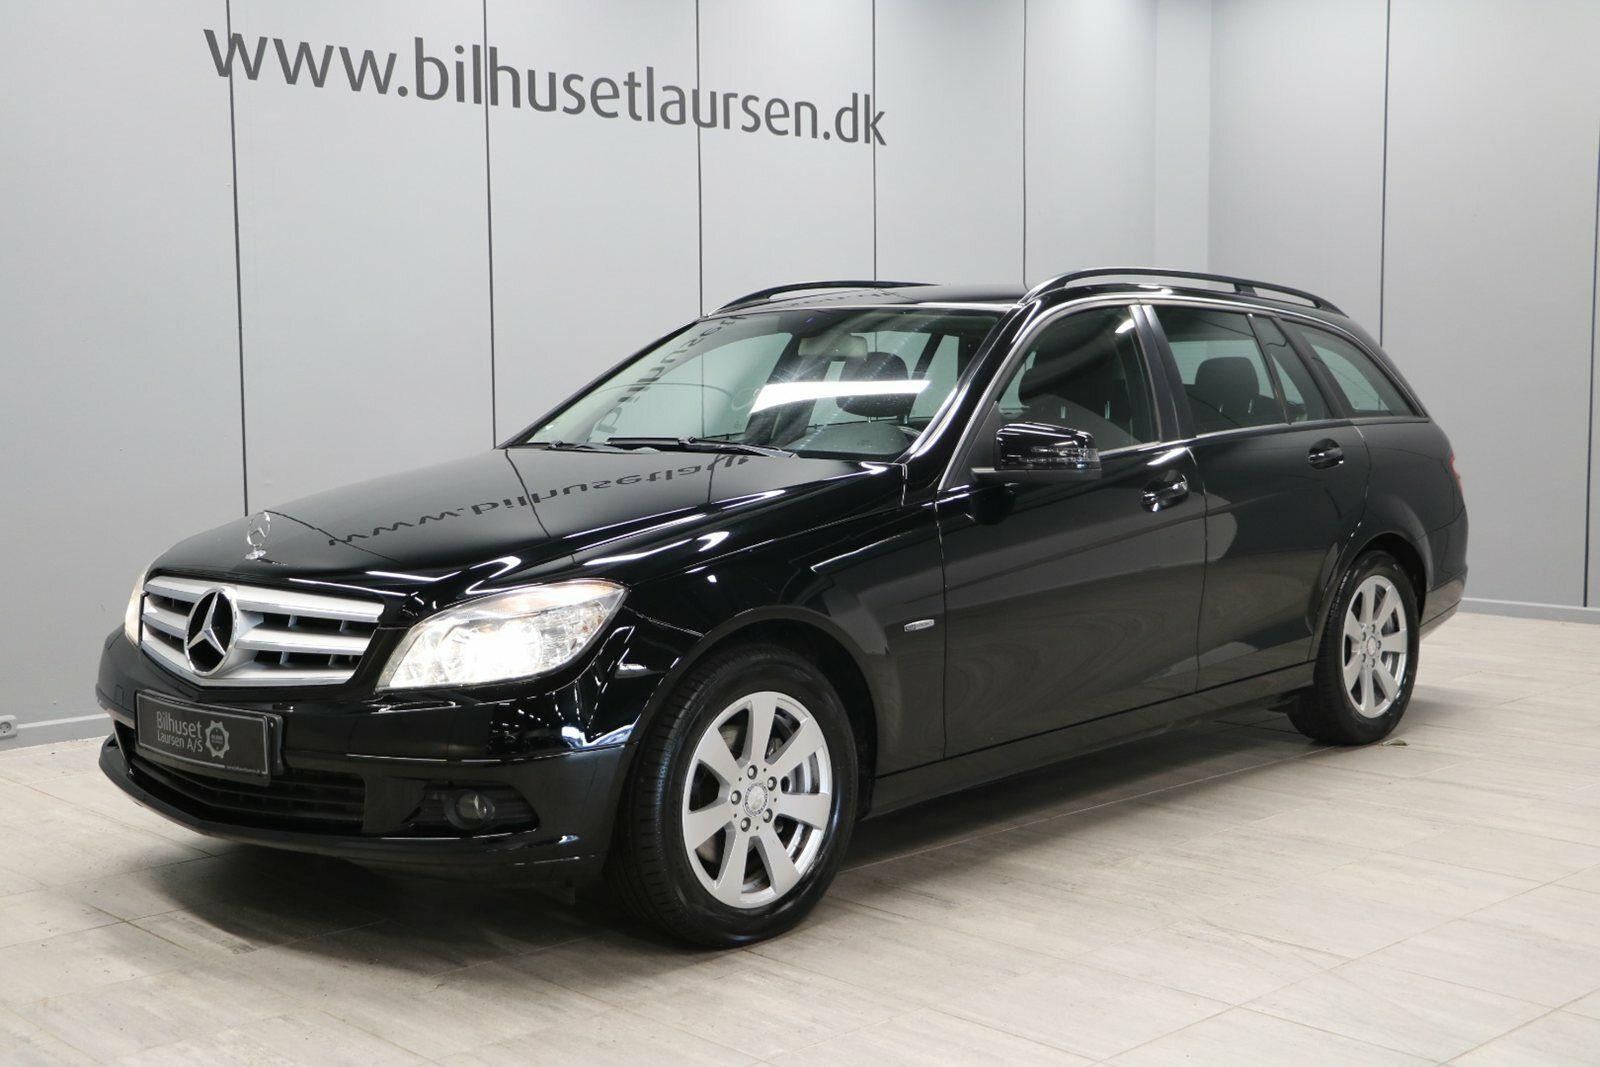 Mercedes C200 2,2 CDi Avantgarde stc. aut. BE 5d - 139.900 kr.